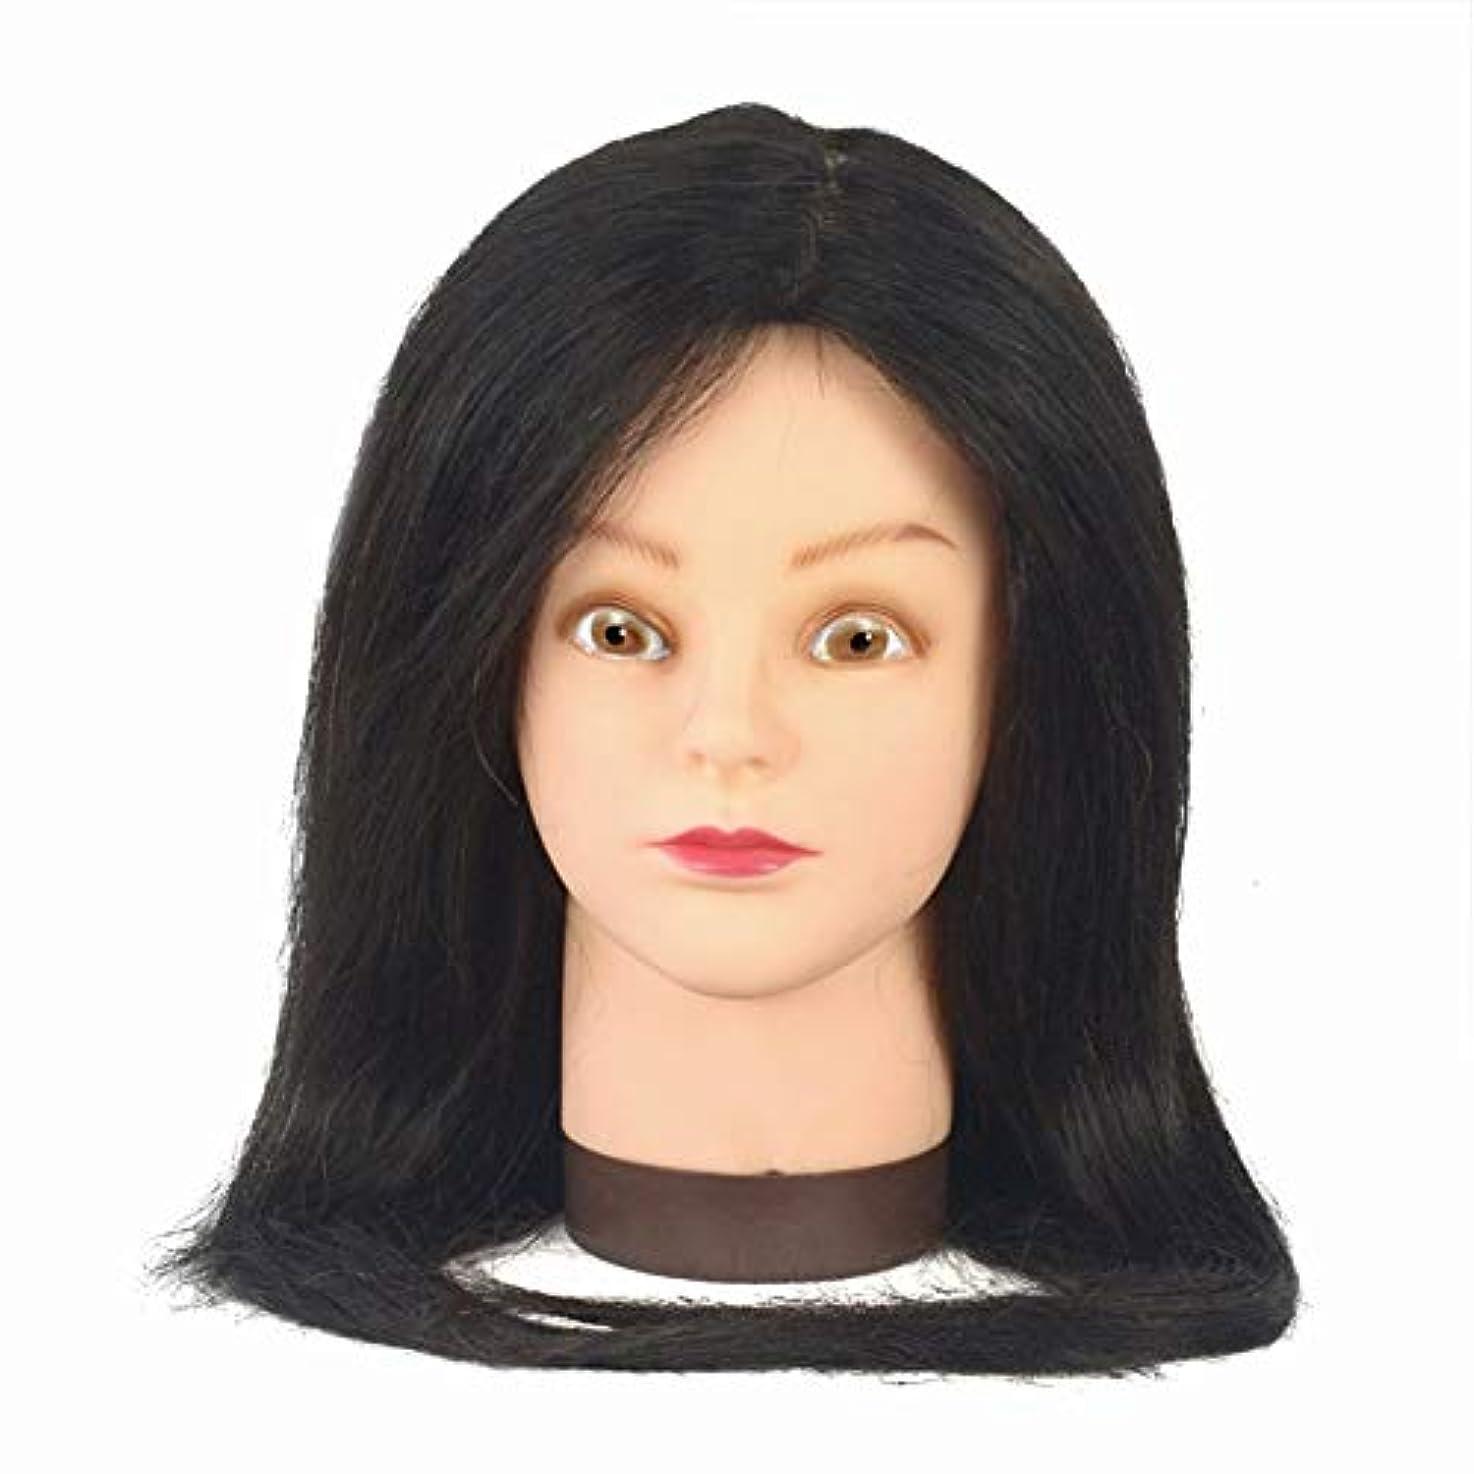 改善するわがまま聖歌80%リアル人間の髪モデルヘッドサロン学習吹くことができますパーマ髪染めダミーヘッド編集ヘア練習ヘッドモデル,Black